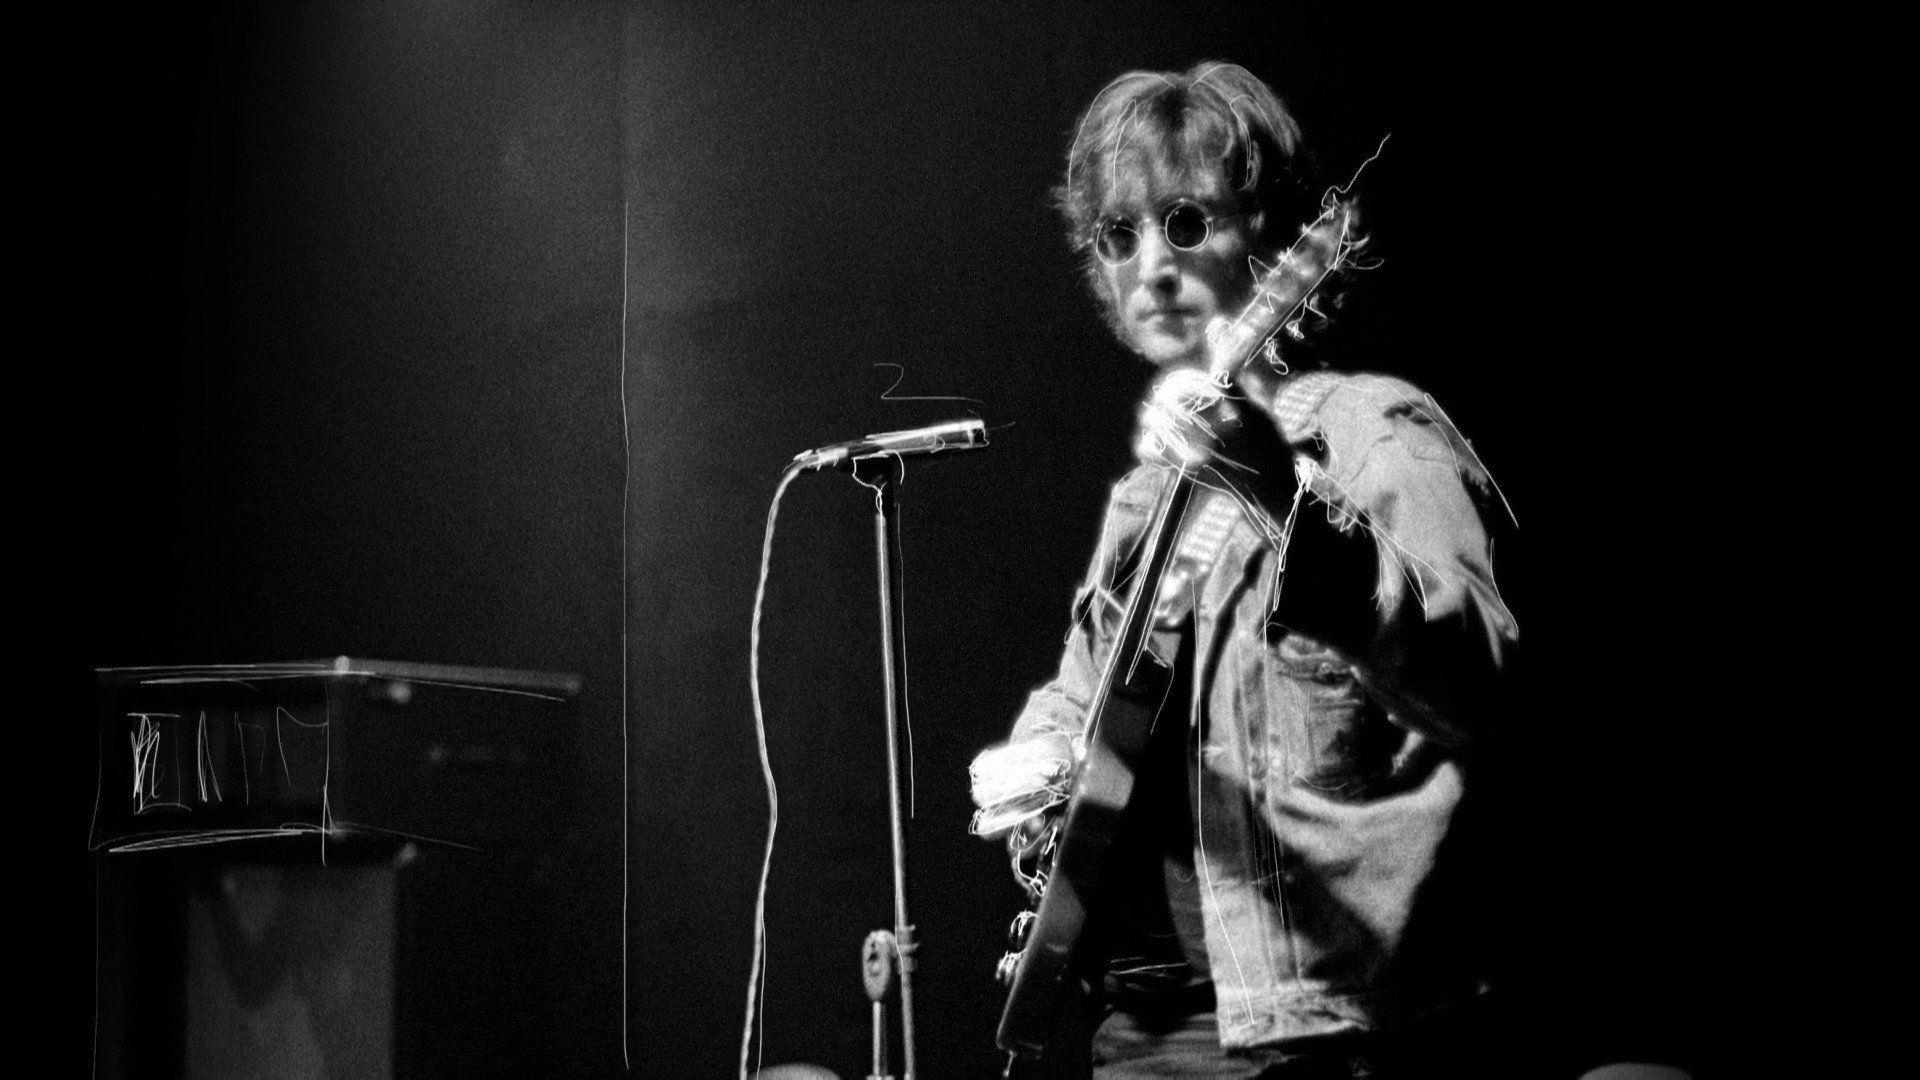 John Lennon Imagine for Android - APK Download